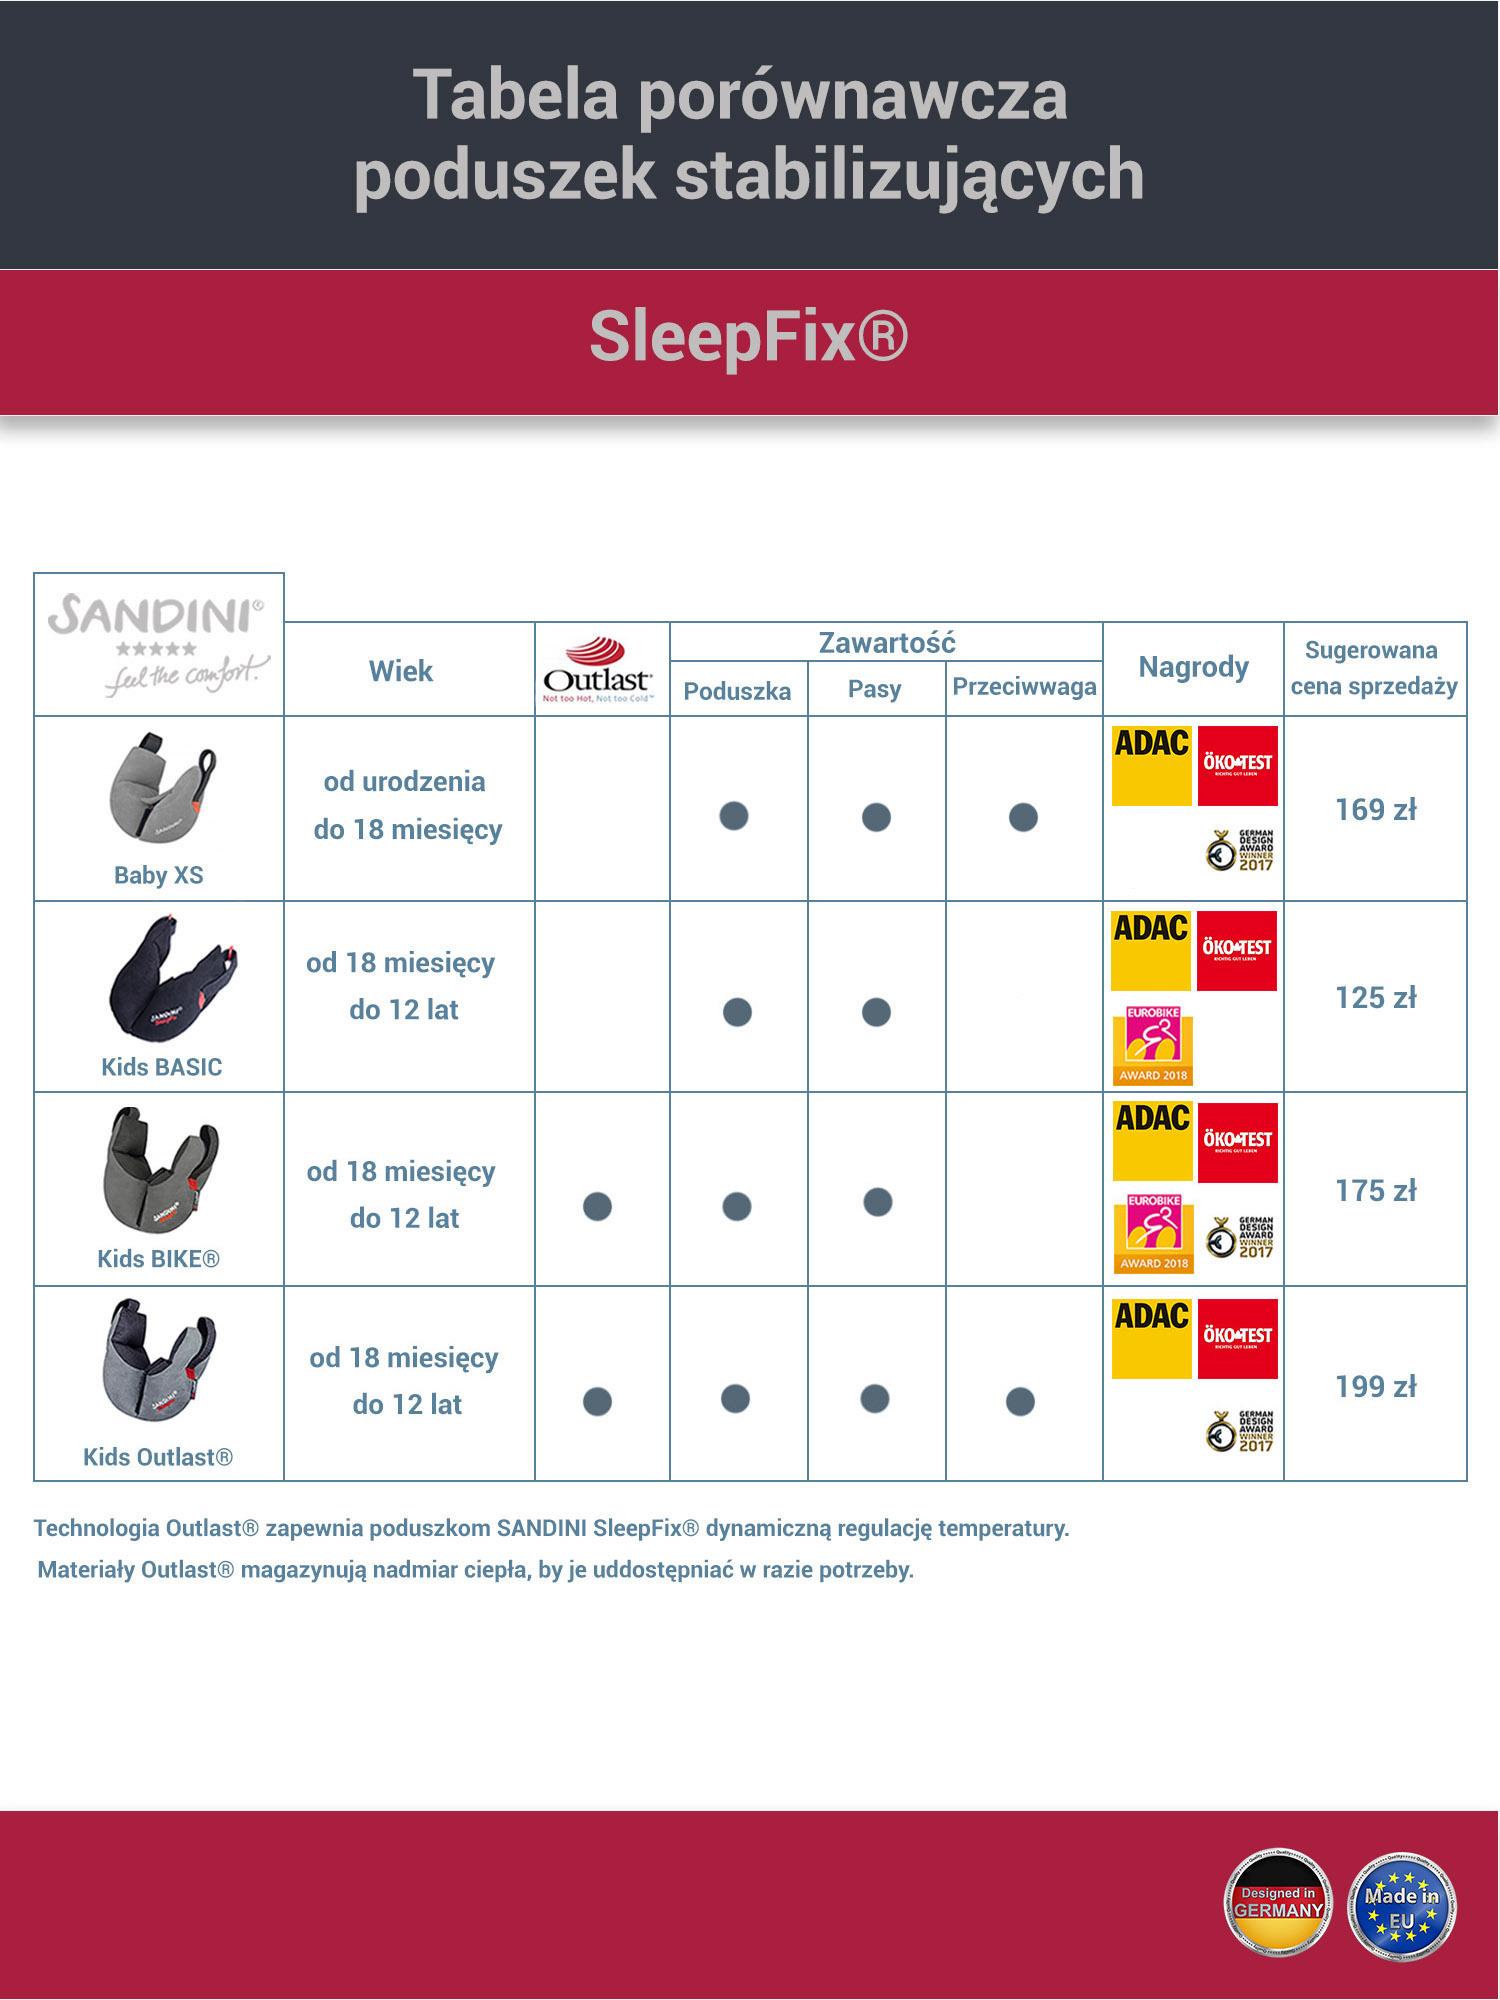 Porównanie poduszek stabilizujących Sandini SleepFix